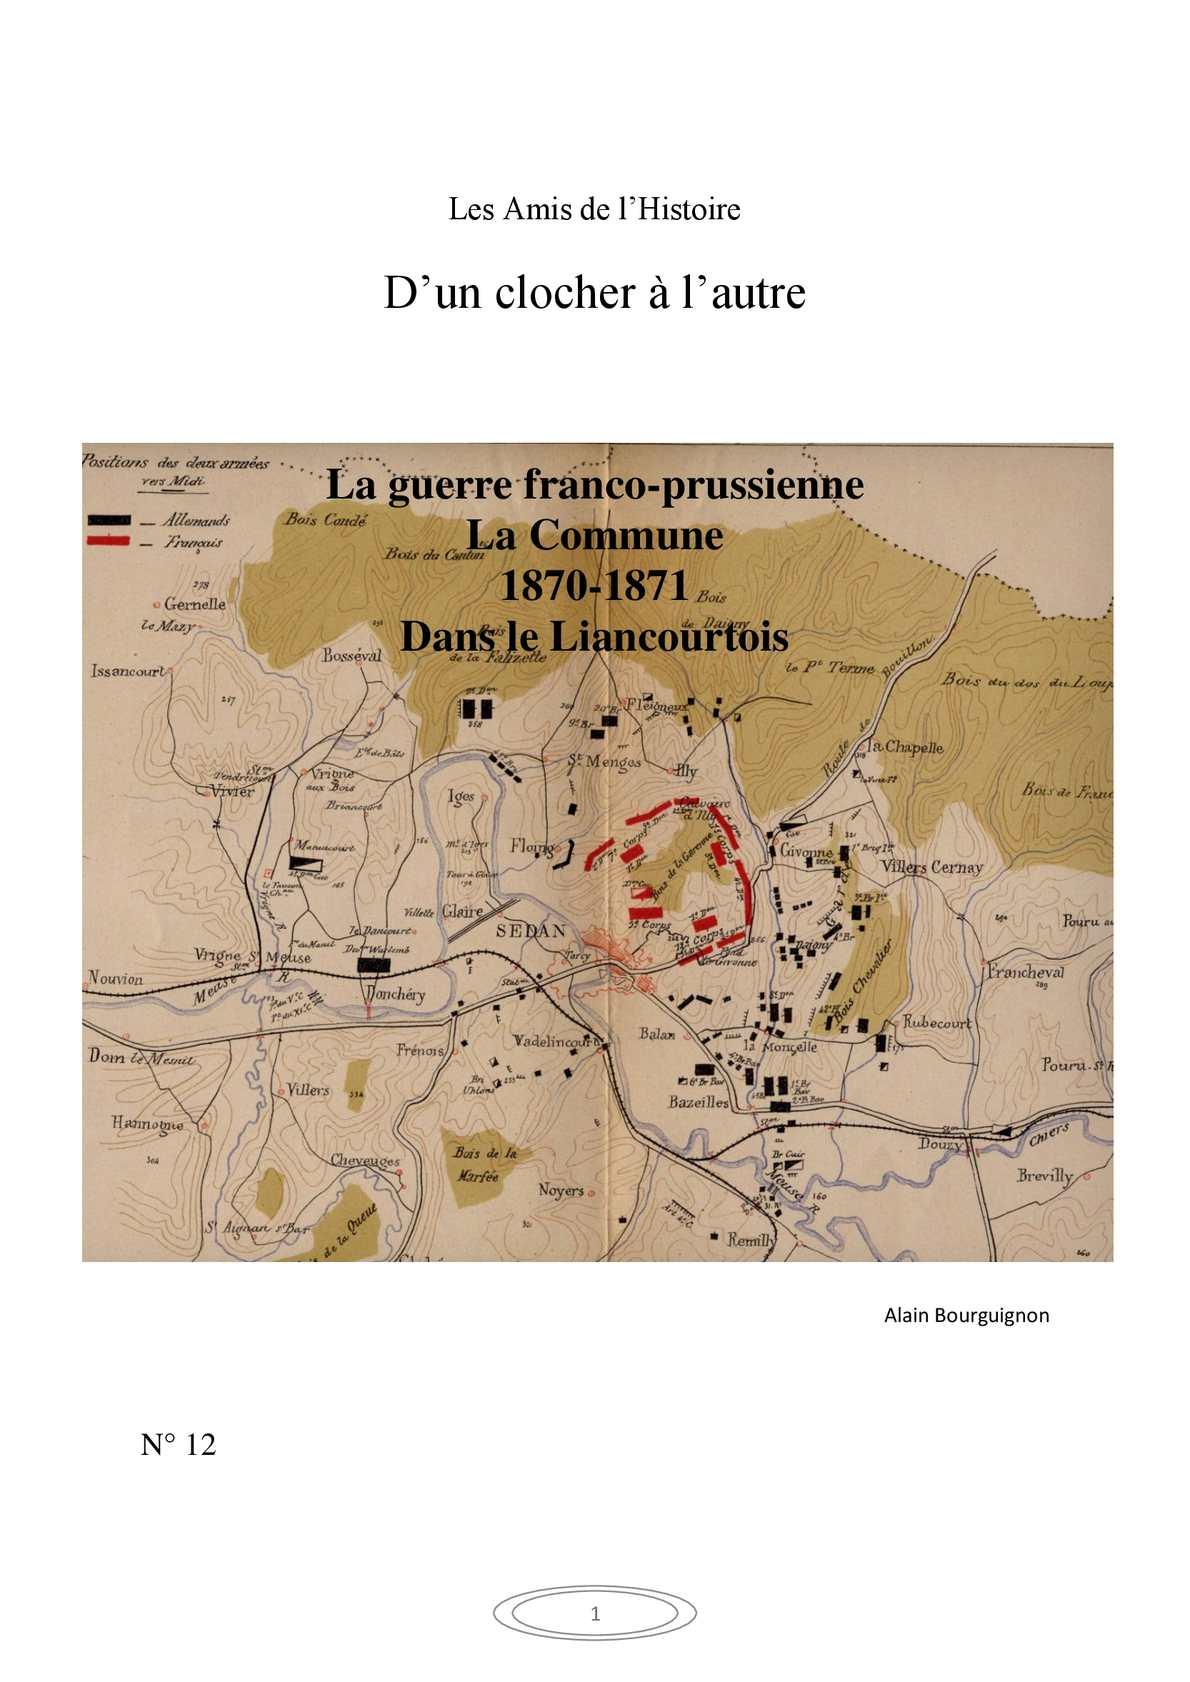 La Guerre franco-prussienne, La commune dans le Liancourtois